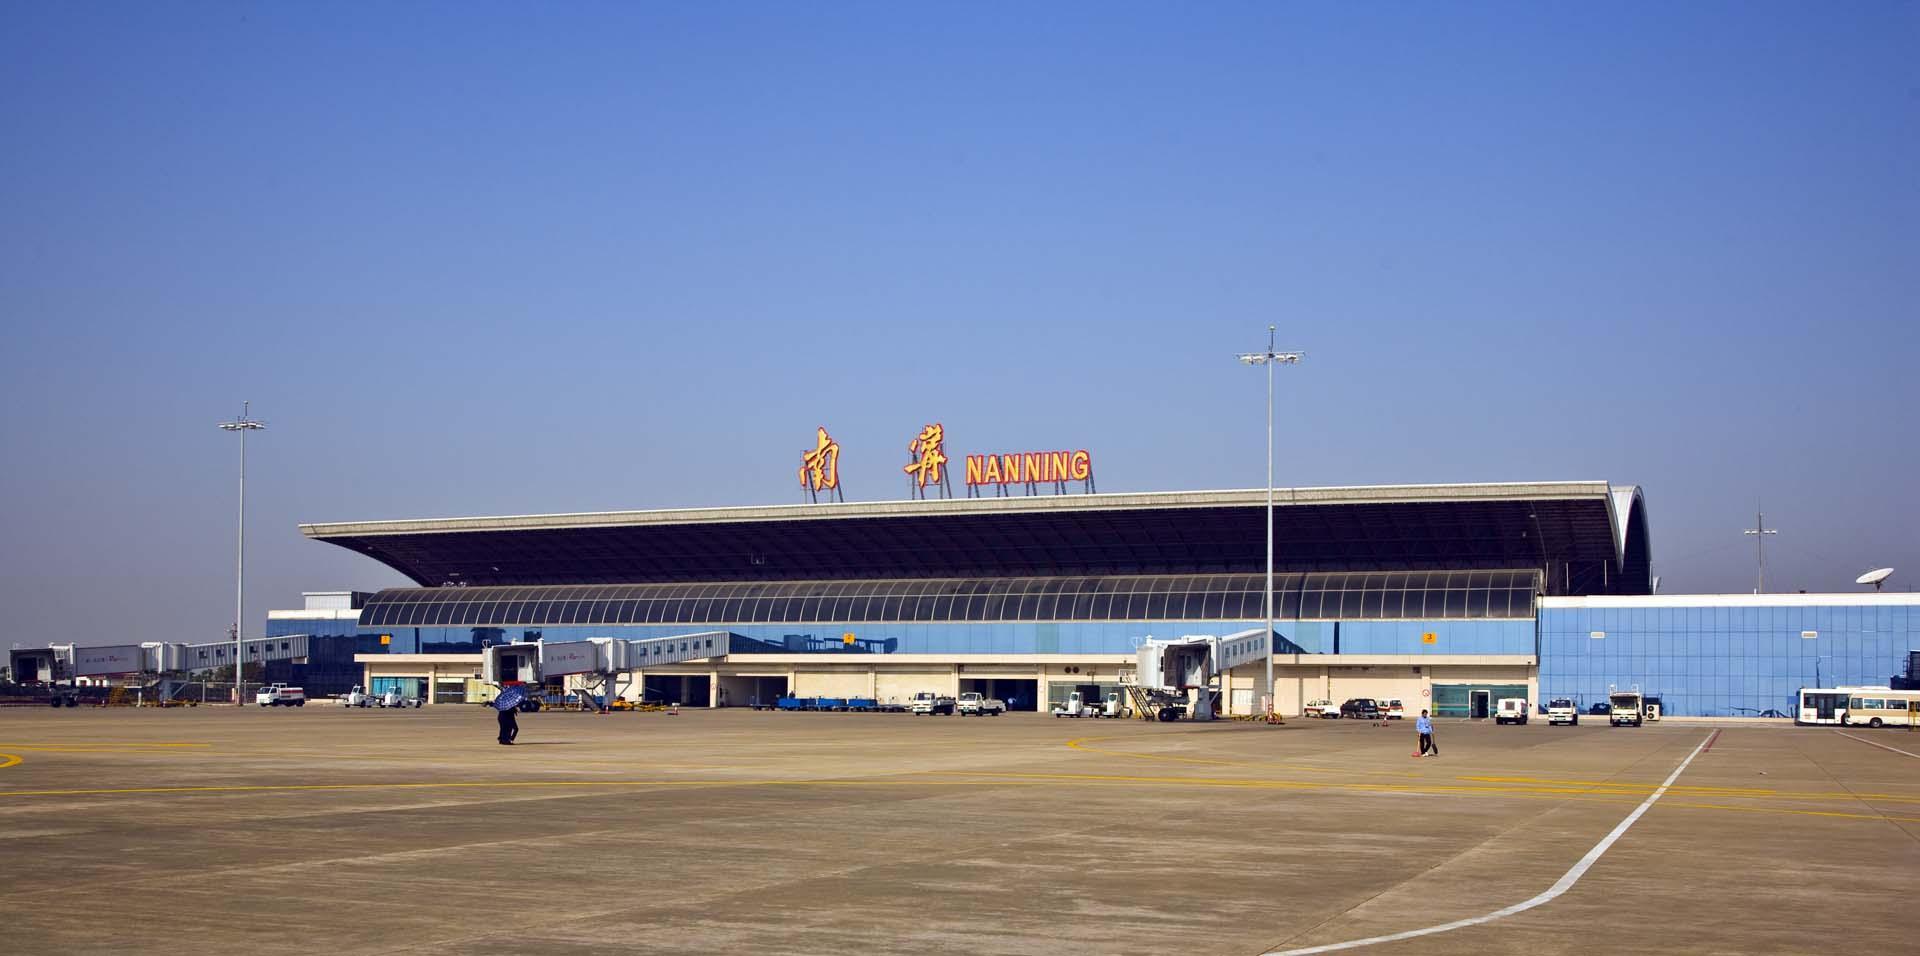 南宁机场_南宁吴圩国际机场-搜狗百科